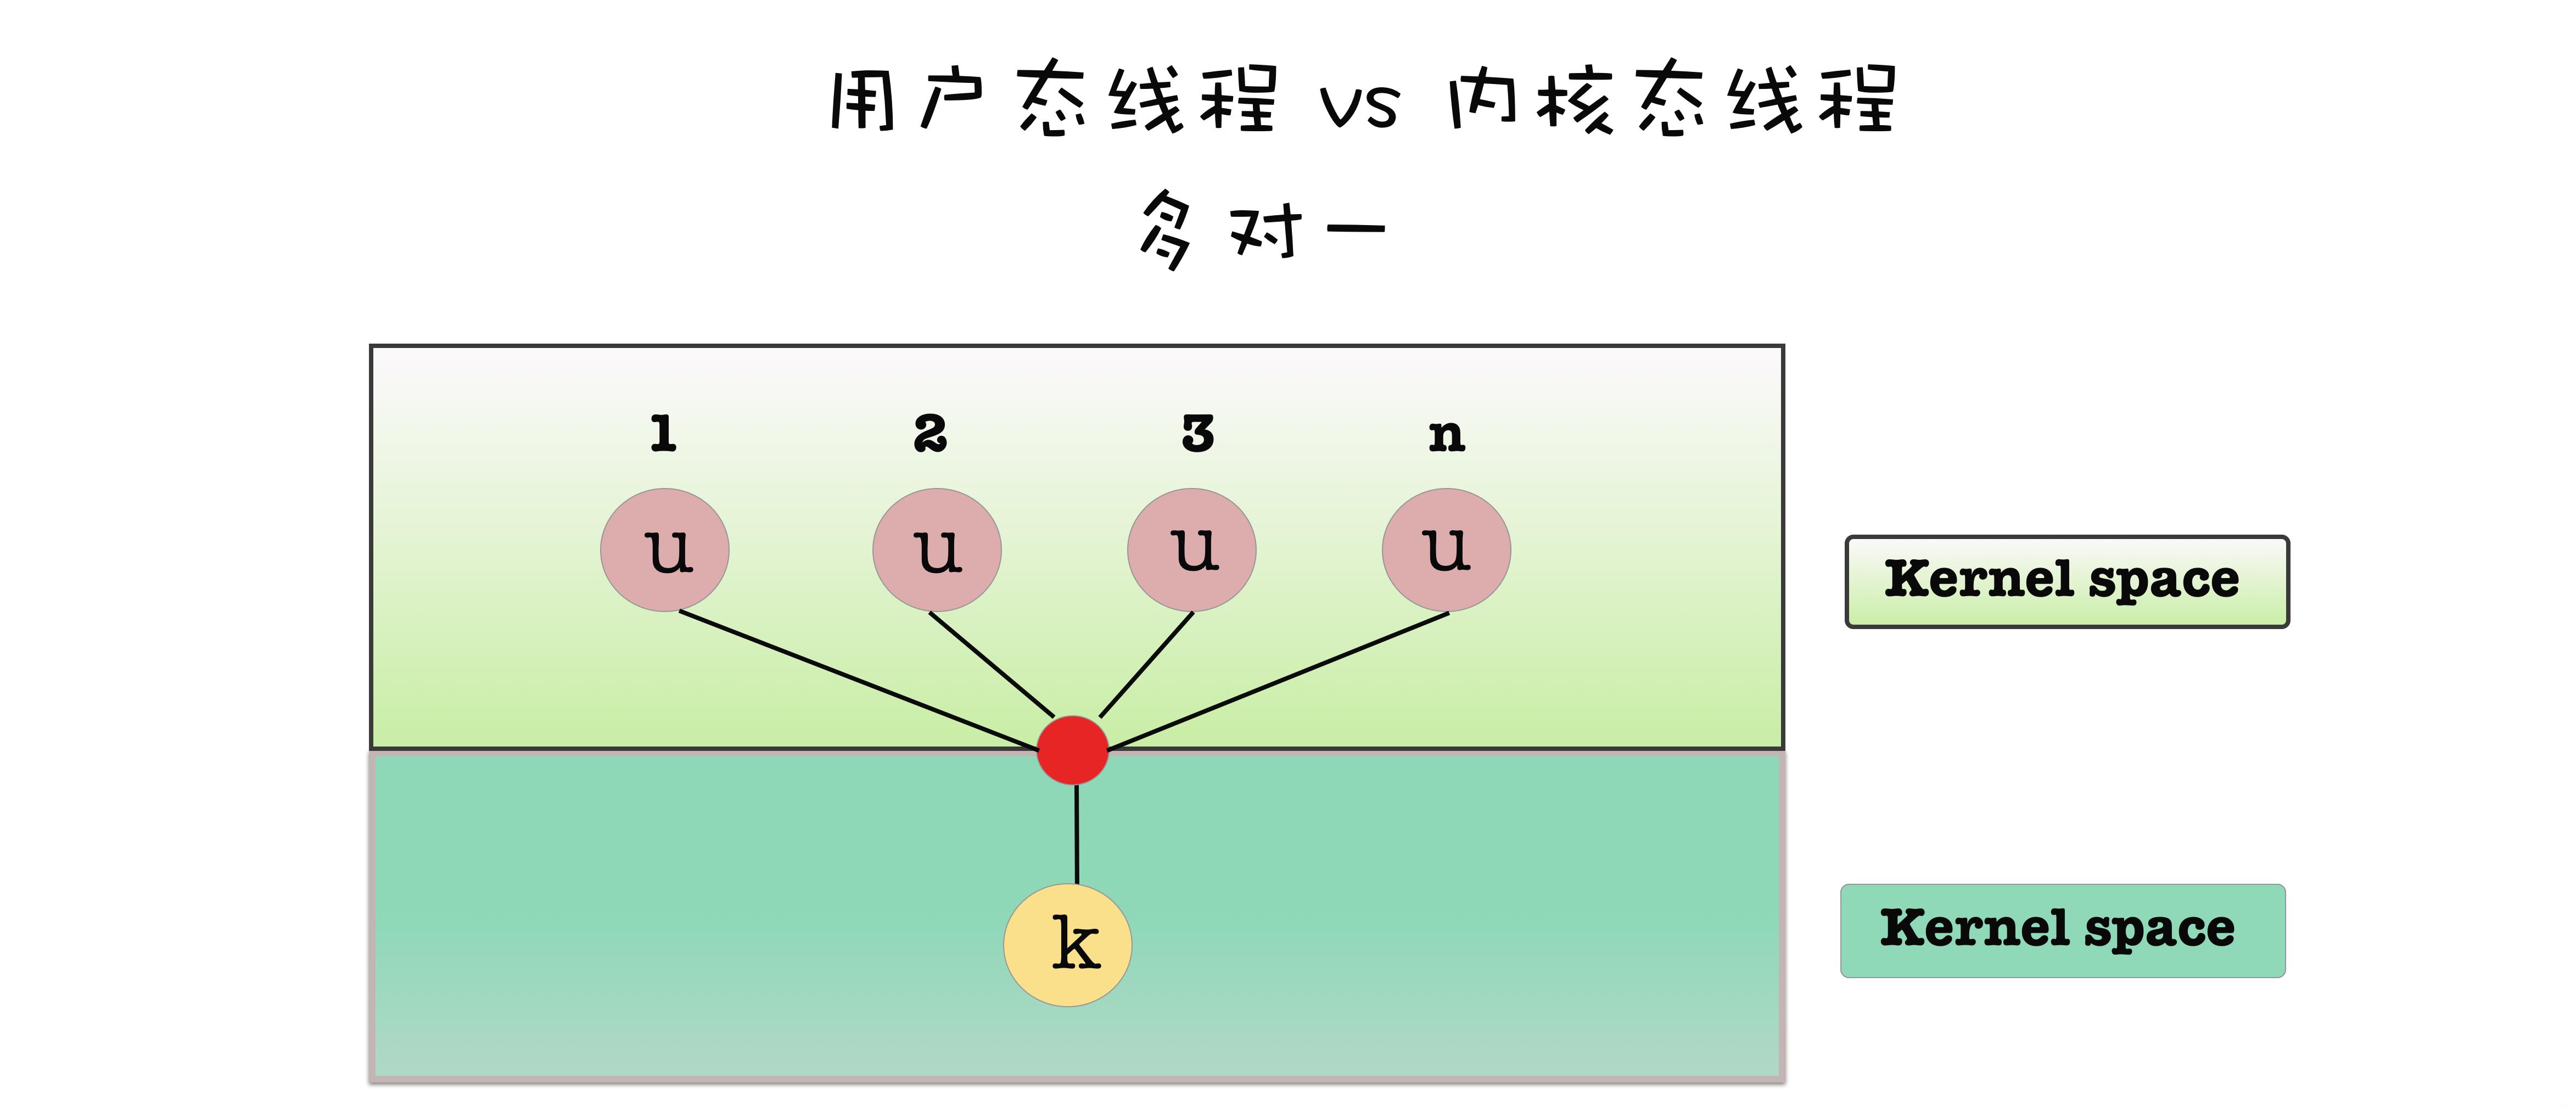 用户态线程与内核态线程多对一